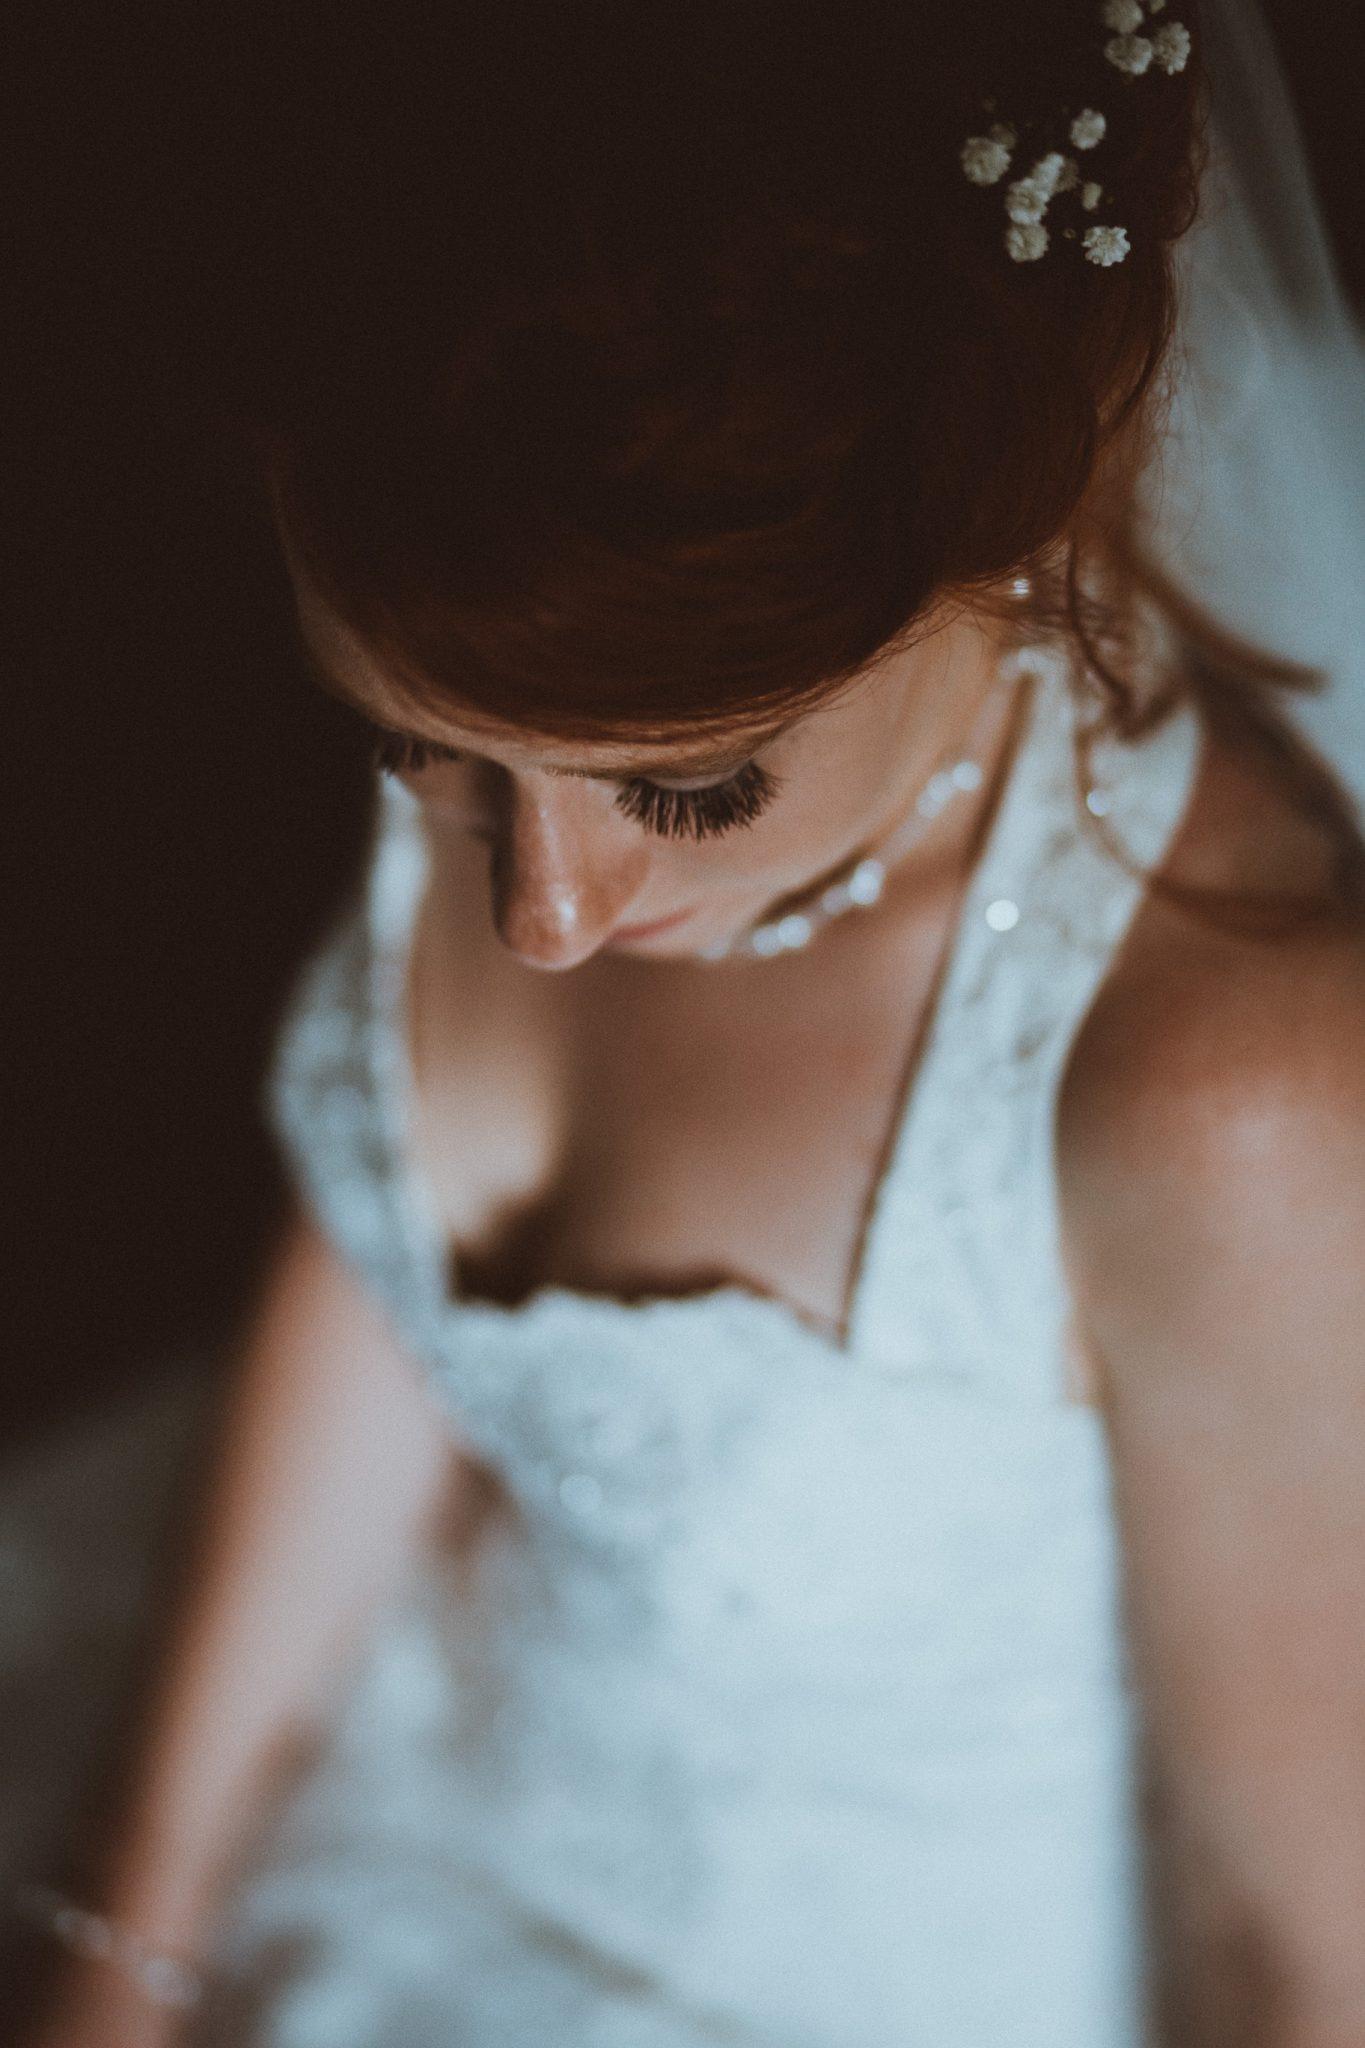 Hochzeit von Tine und Basti in Münster: Braut schaut nach unten